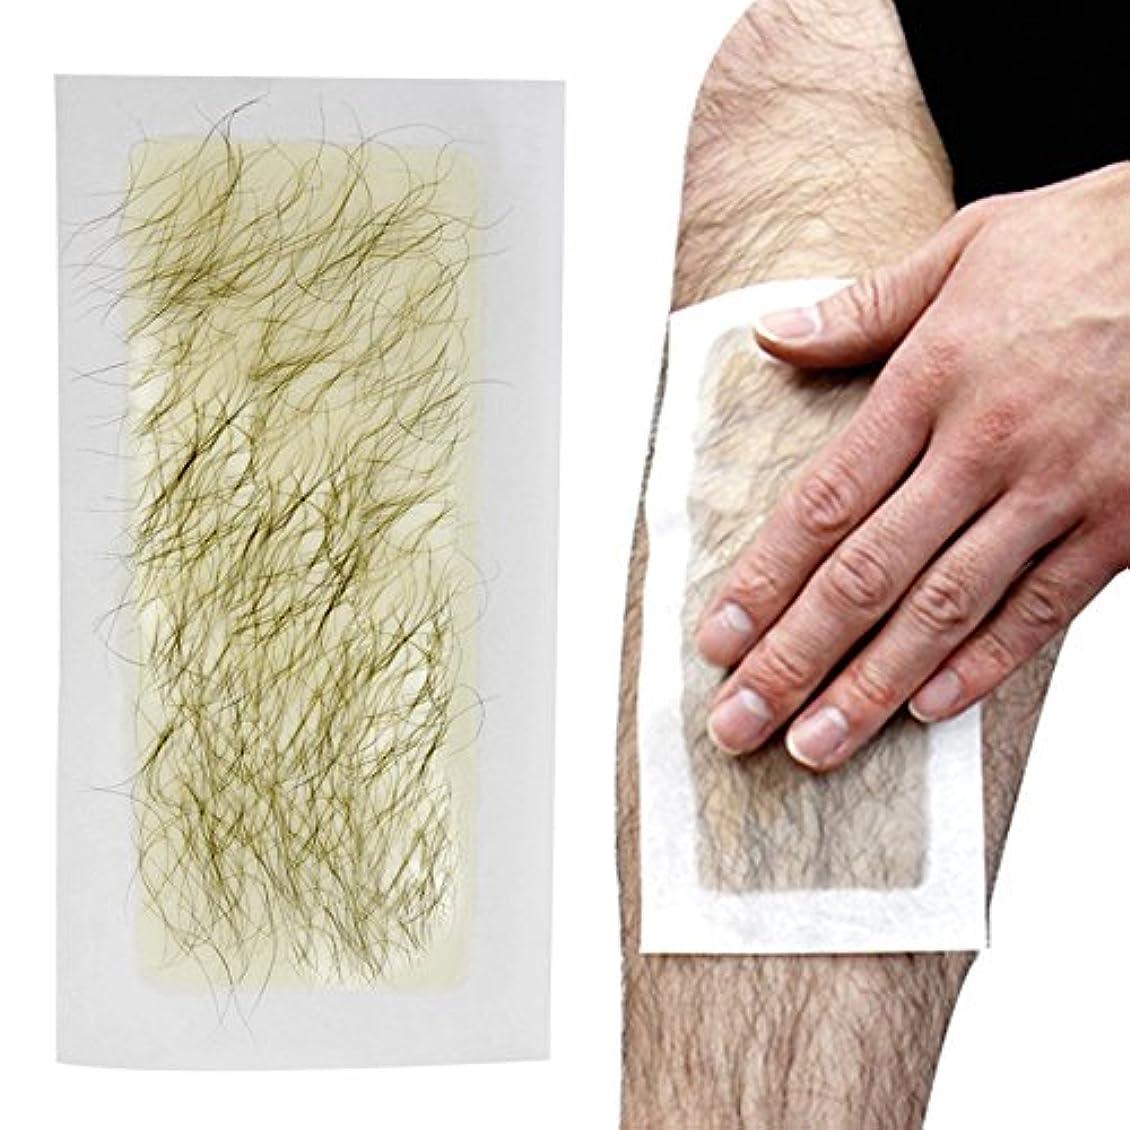 気を散らすチャーター量で脱毛シート 100回分 ブラジリアンワックス 処理 お手軽美人 脱毛纸 脱毛テープ